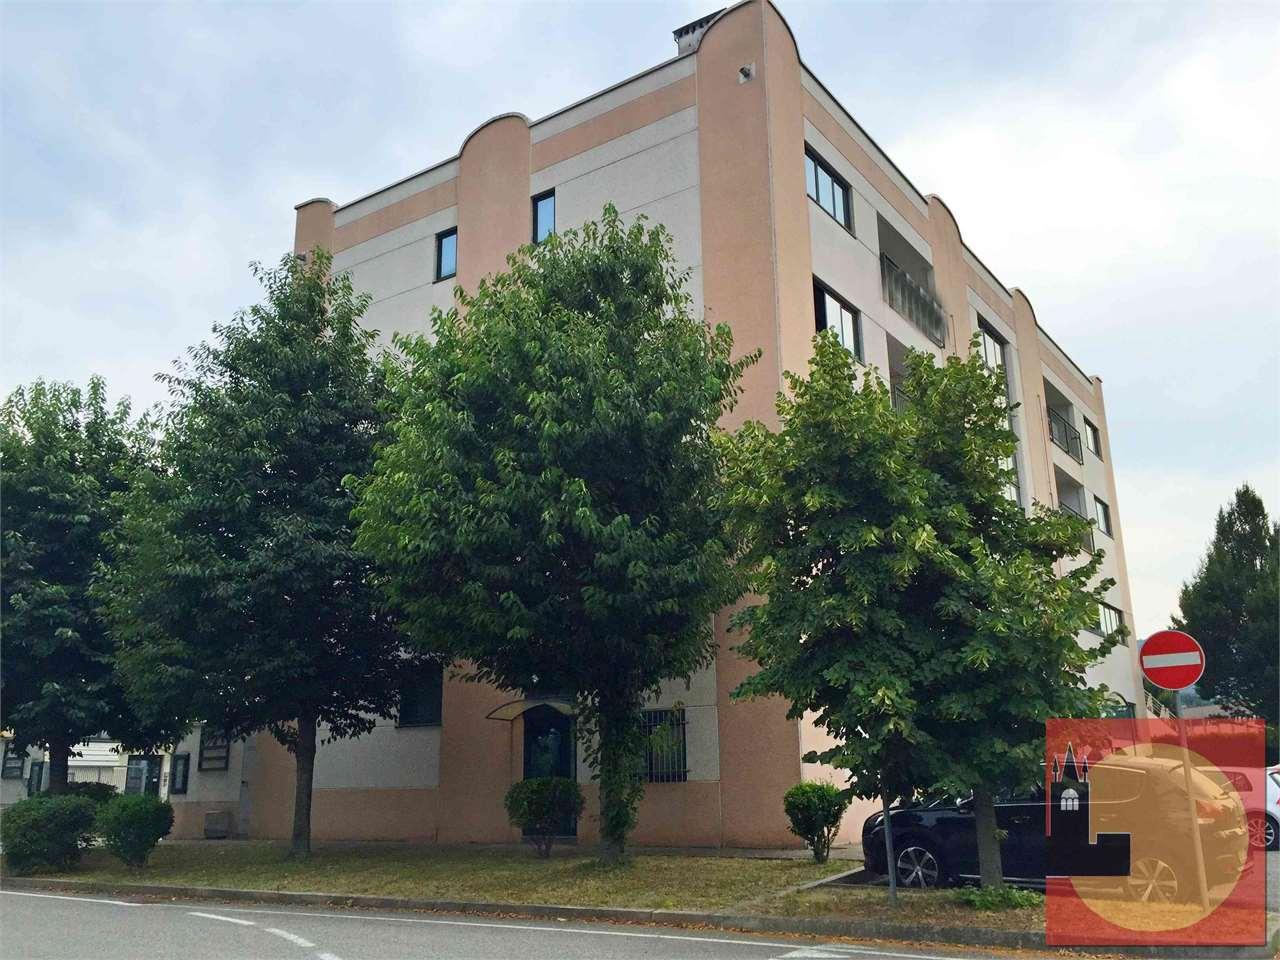 Ufficio / Studio in affitto a Avigliana, 1 locali, prezzo € 1.100 | PortaleAgenzieImmobiliari.it